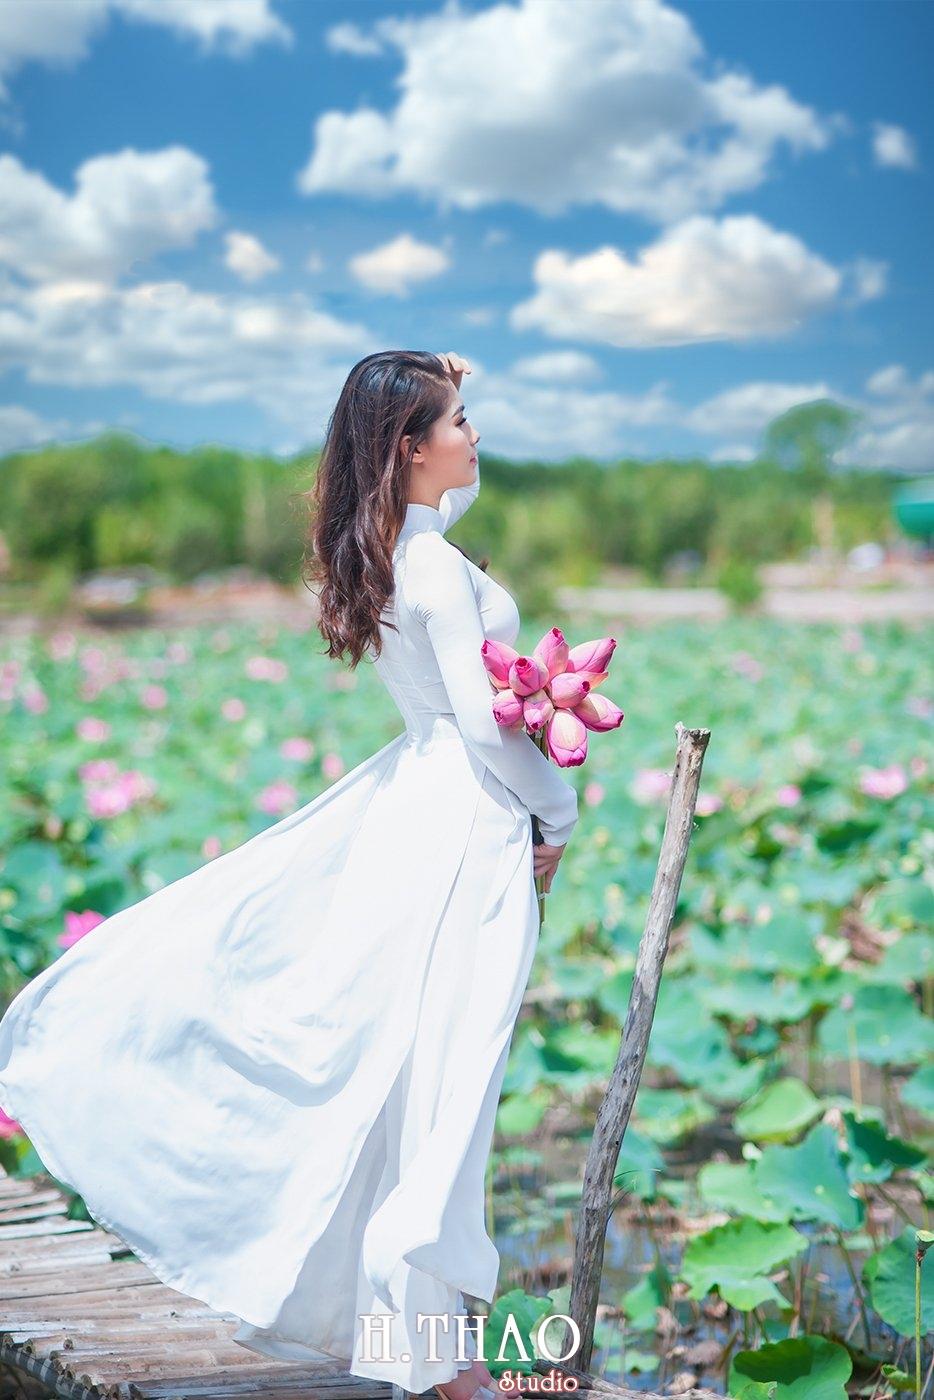 DSC 8986 - Tháng 6, chụp hình với hoa sen tại Tam đa quận 9 – Tp.HCM